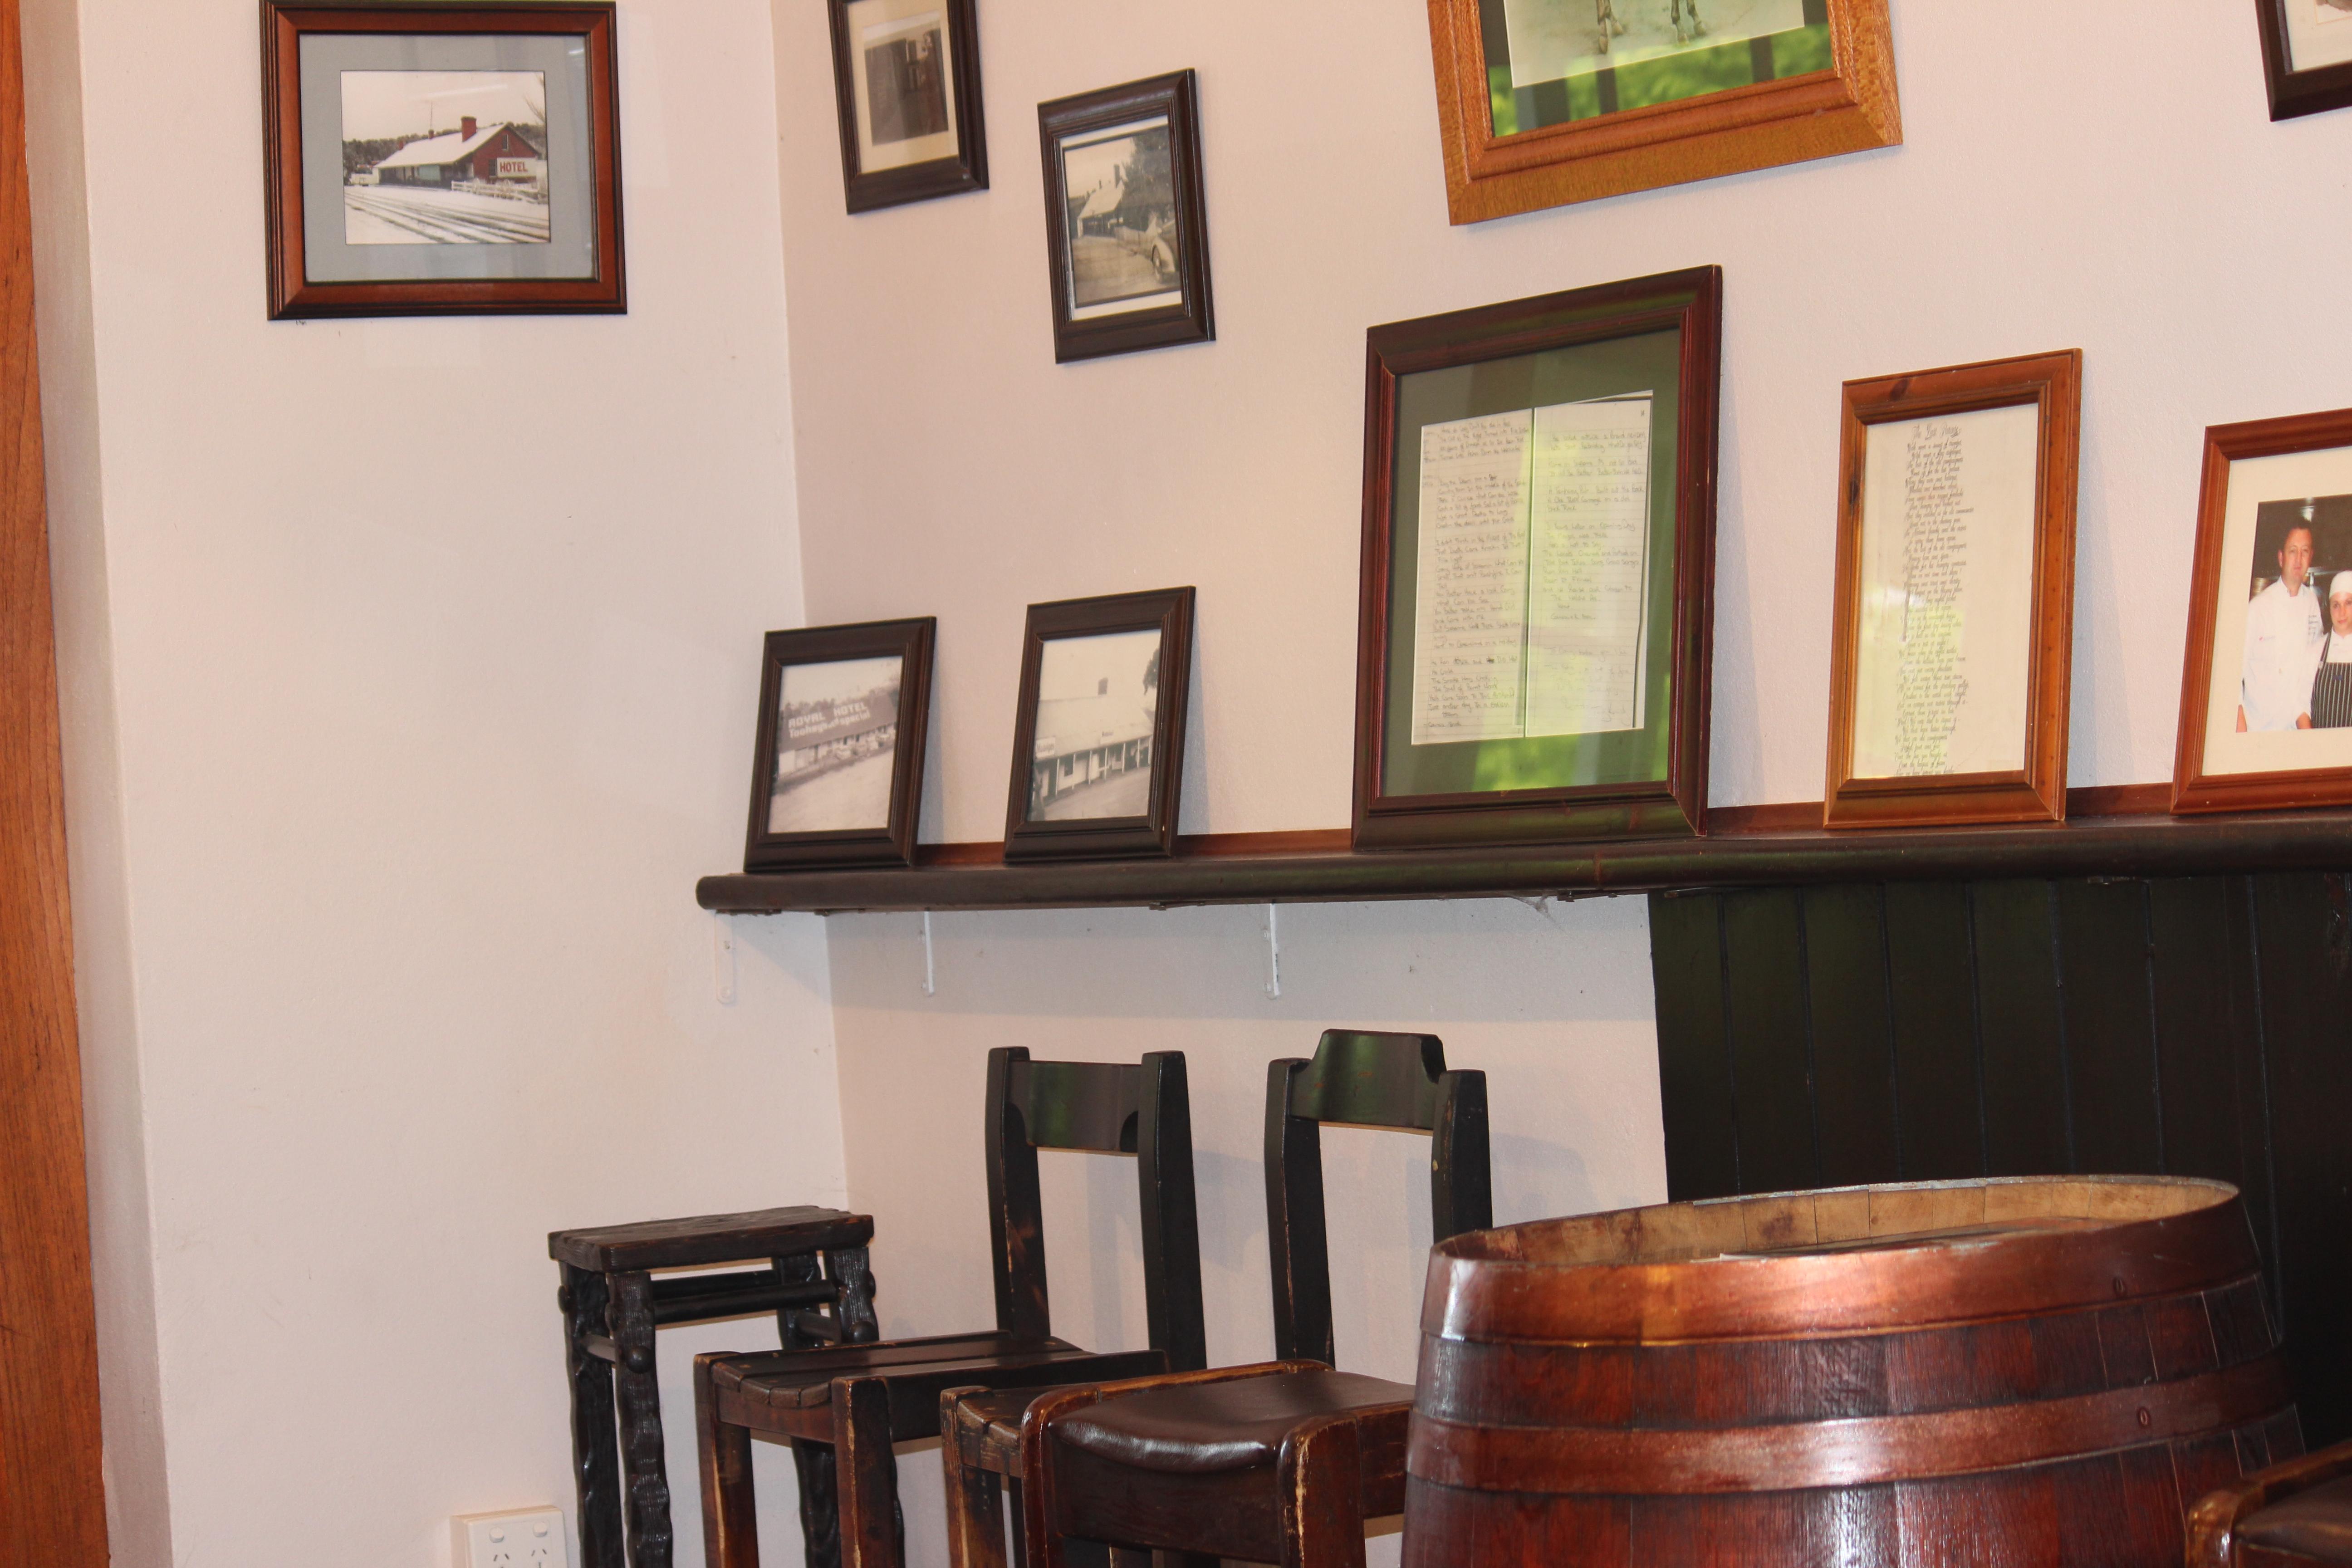 3. Bar Wall